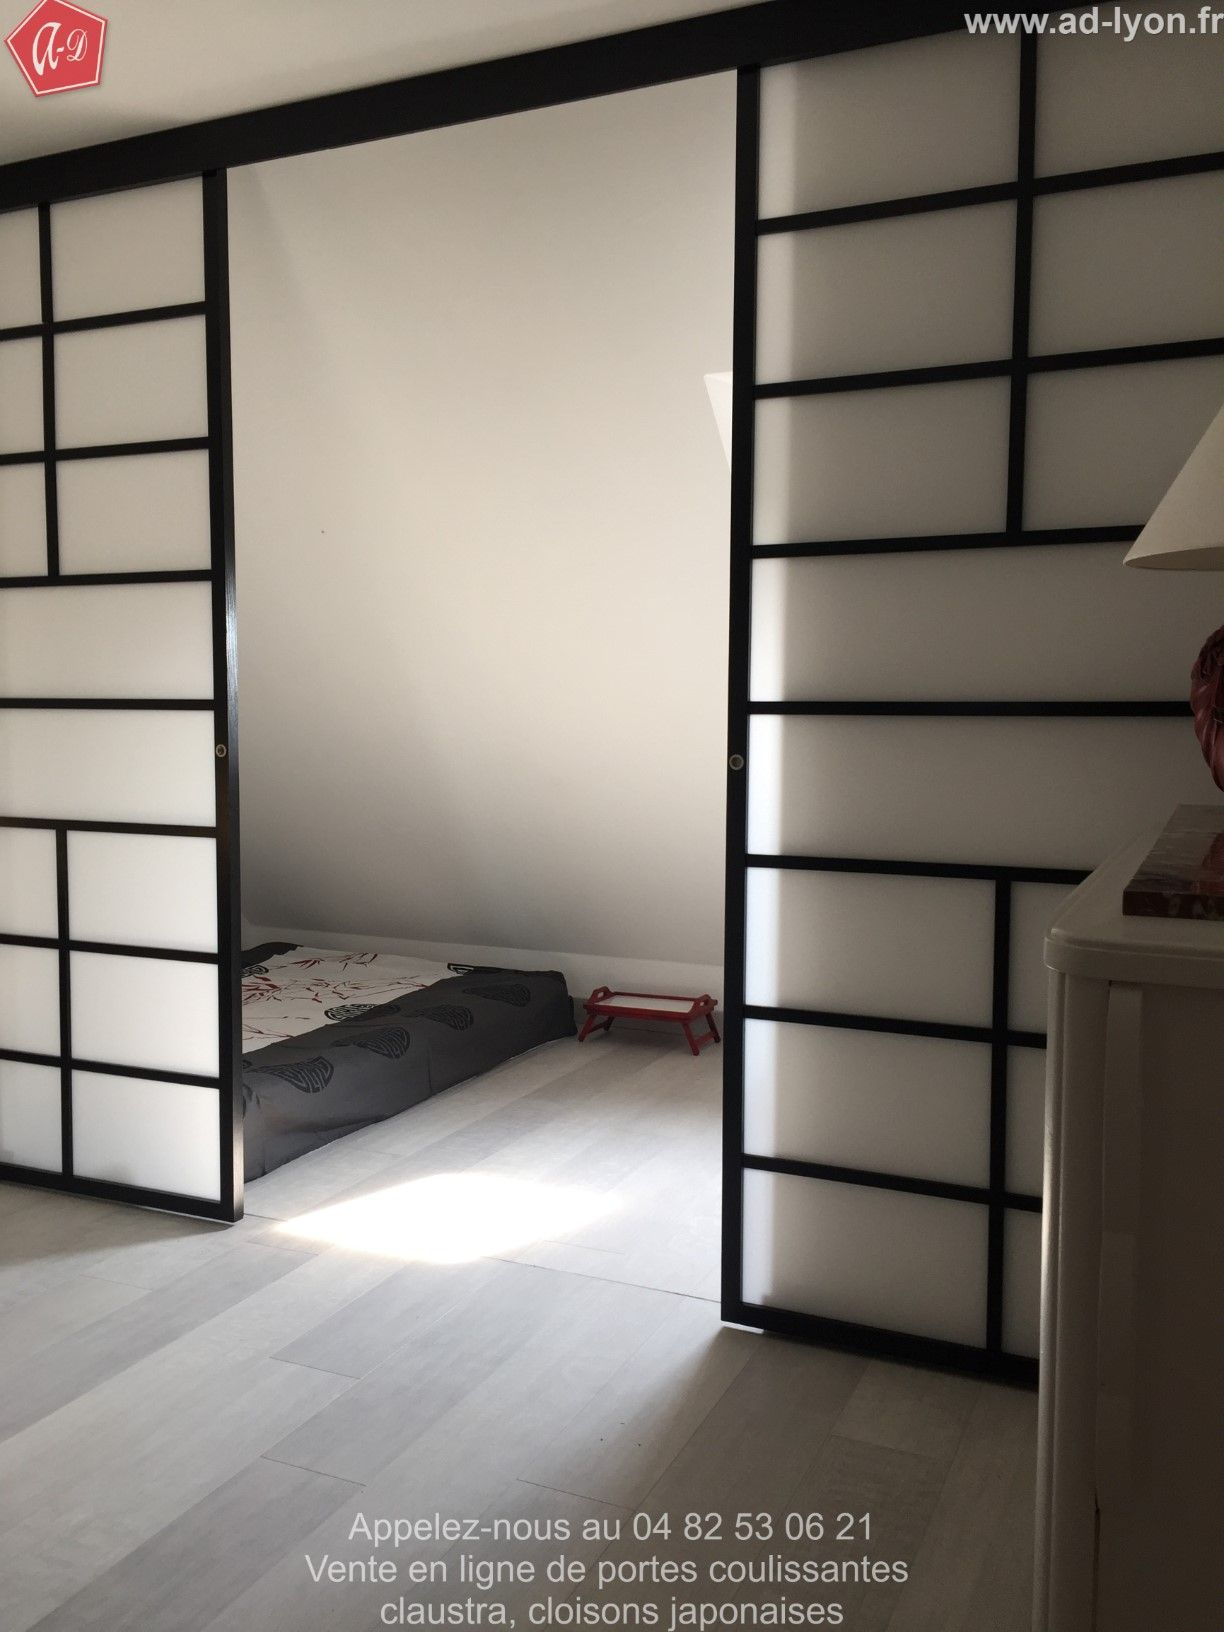 Porte coulissante japonaise pour la séparation d'une chambre ...